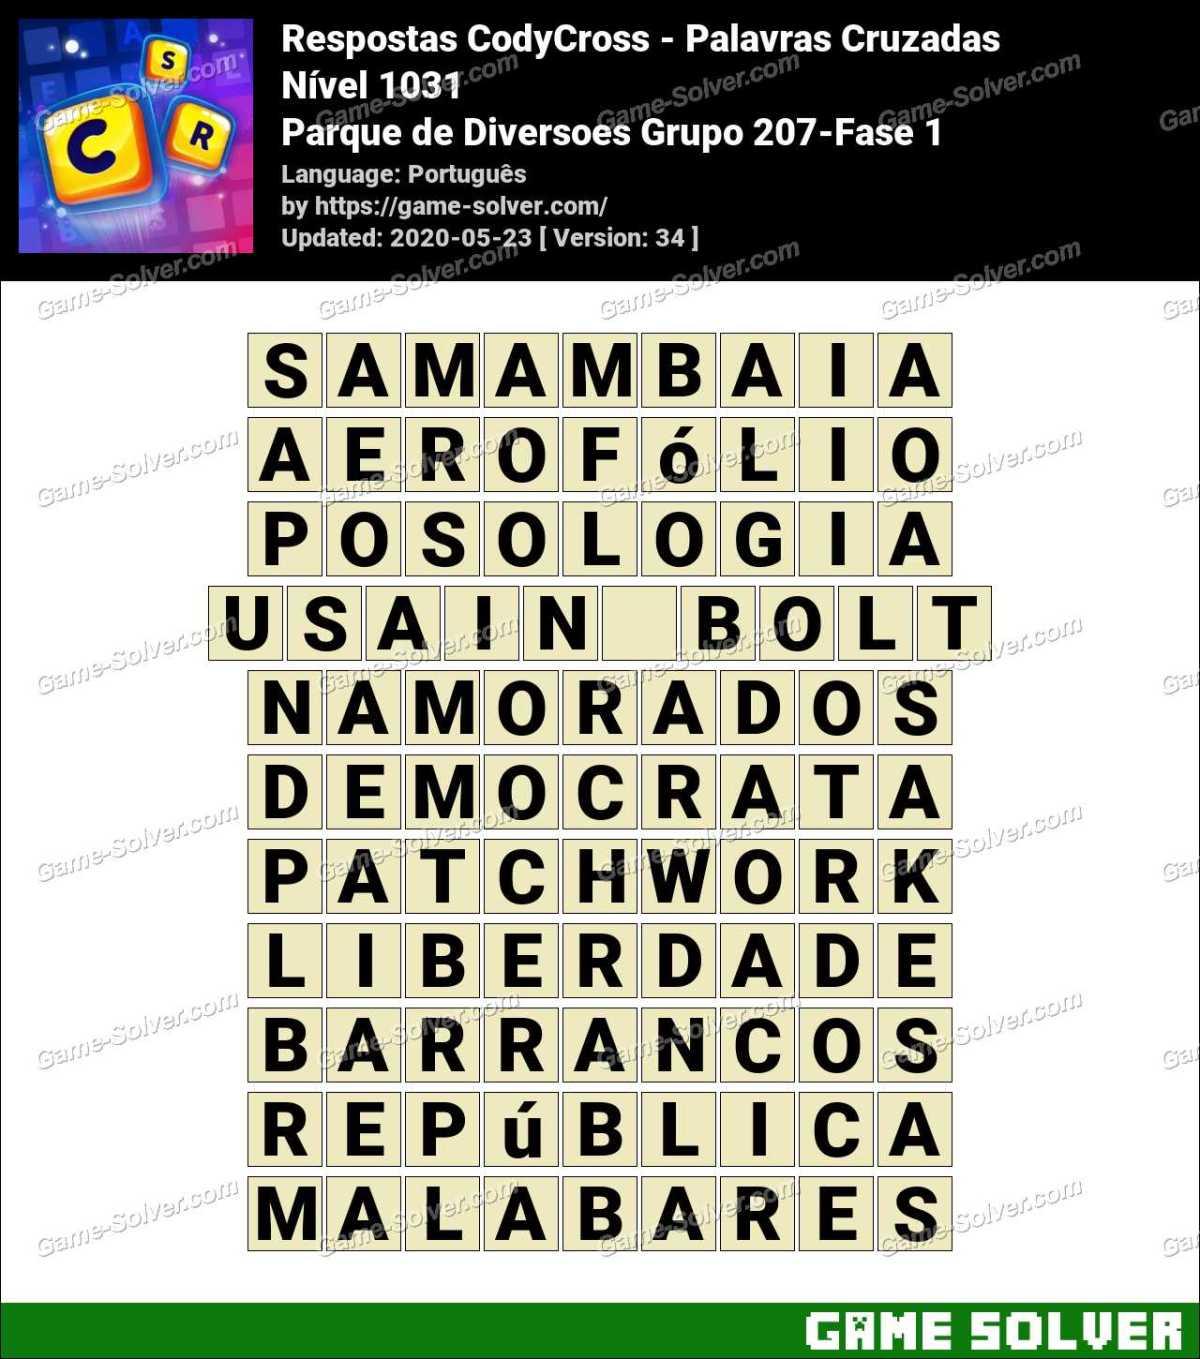 Respostas CodyCross Parque de Diversoes Grupo 207-Fase 1